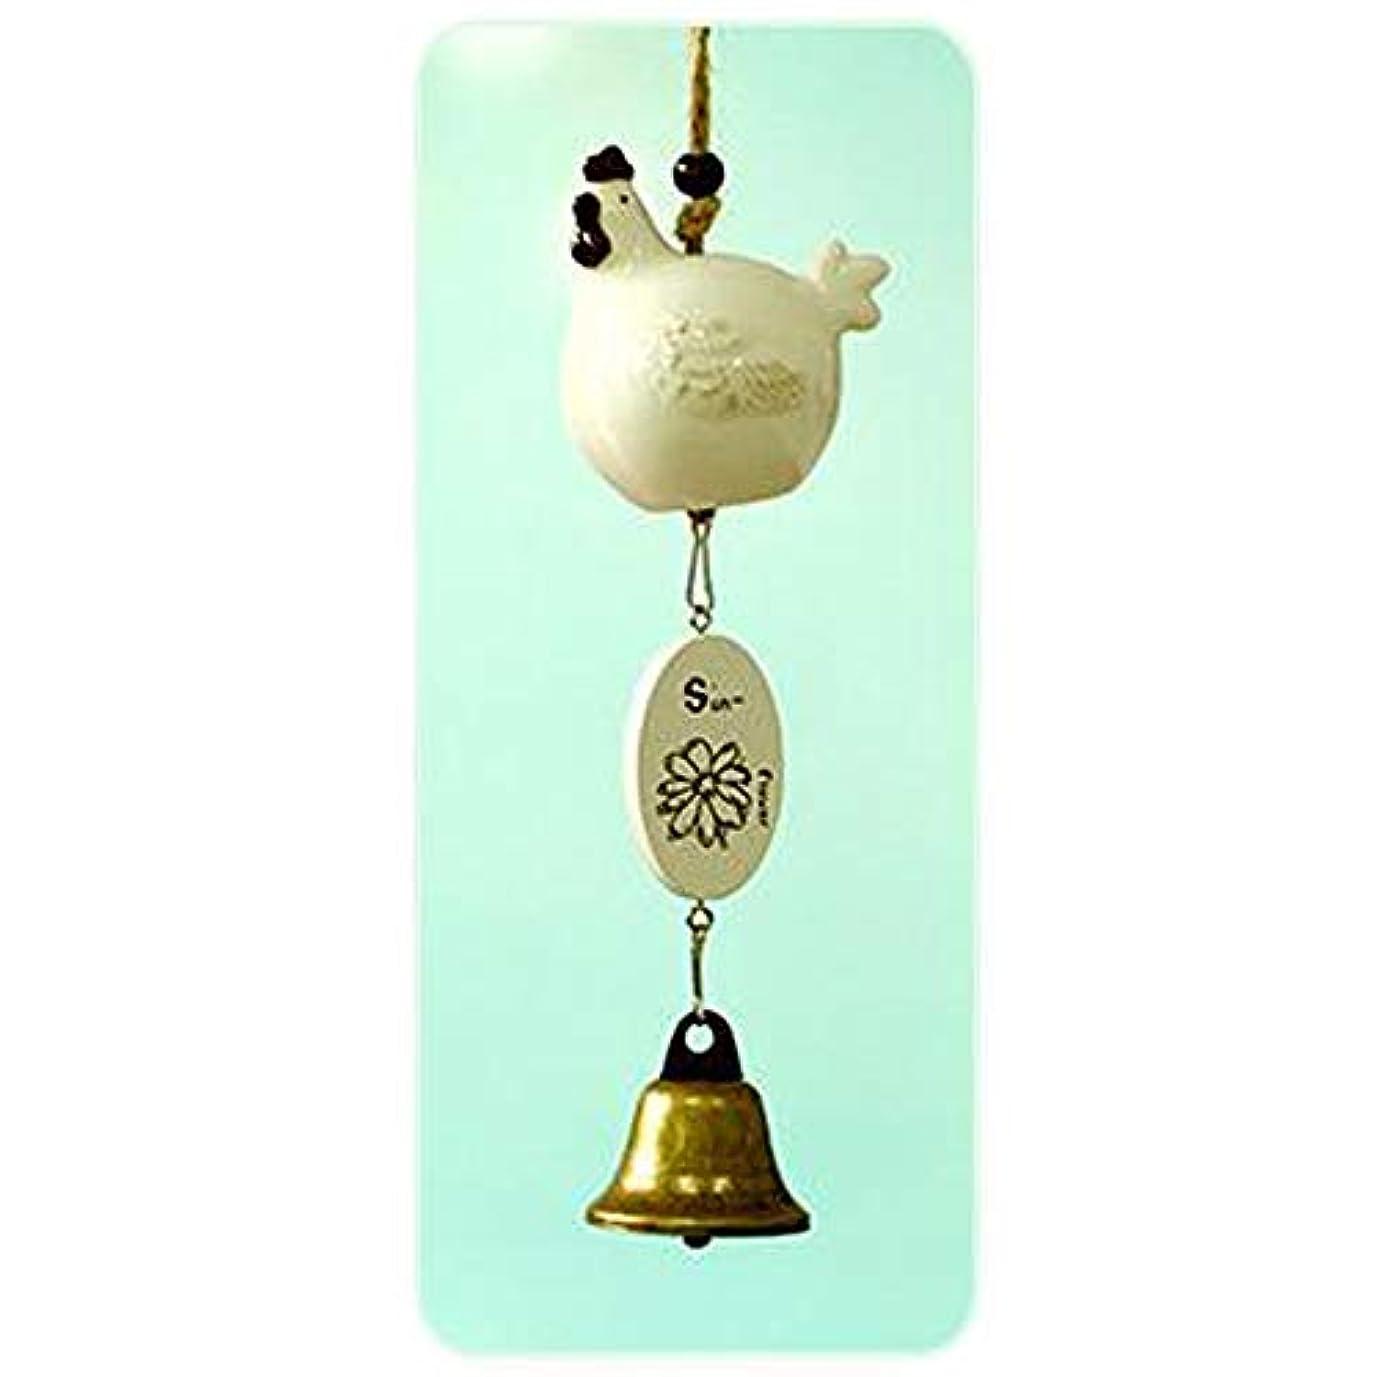 動車両ディスコJingfengtongxun 風チャイム、セラミック風チャイム漫画の動物、ホワイト、全長約20cm,スタイリッシュなホリデーギフト (Color : D)